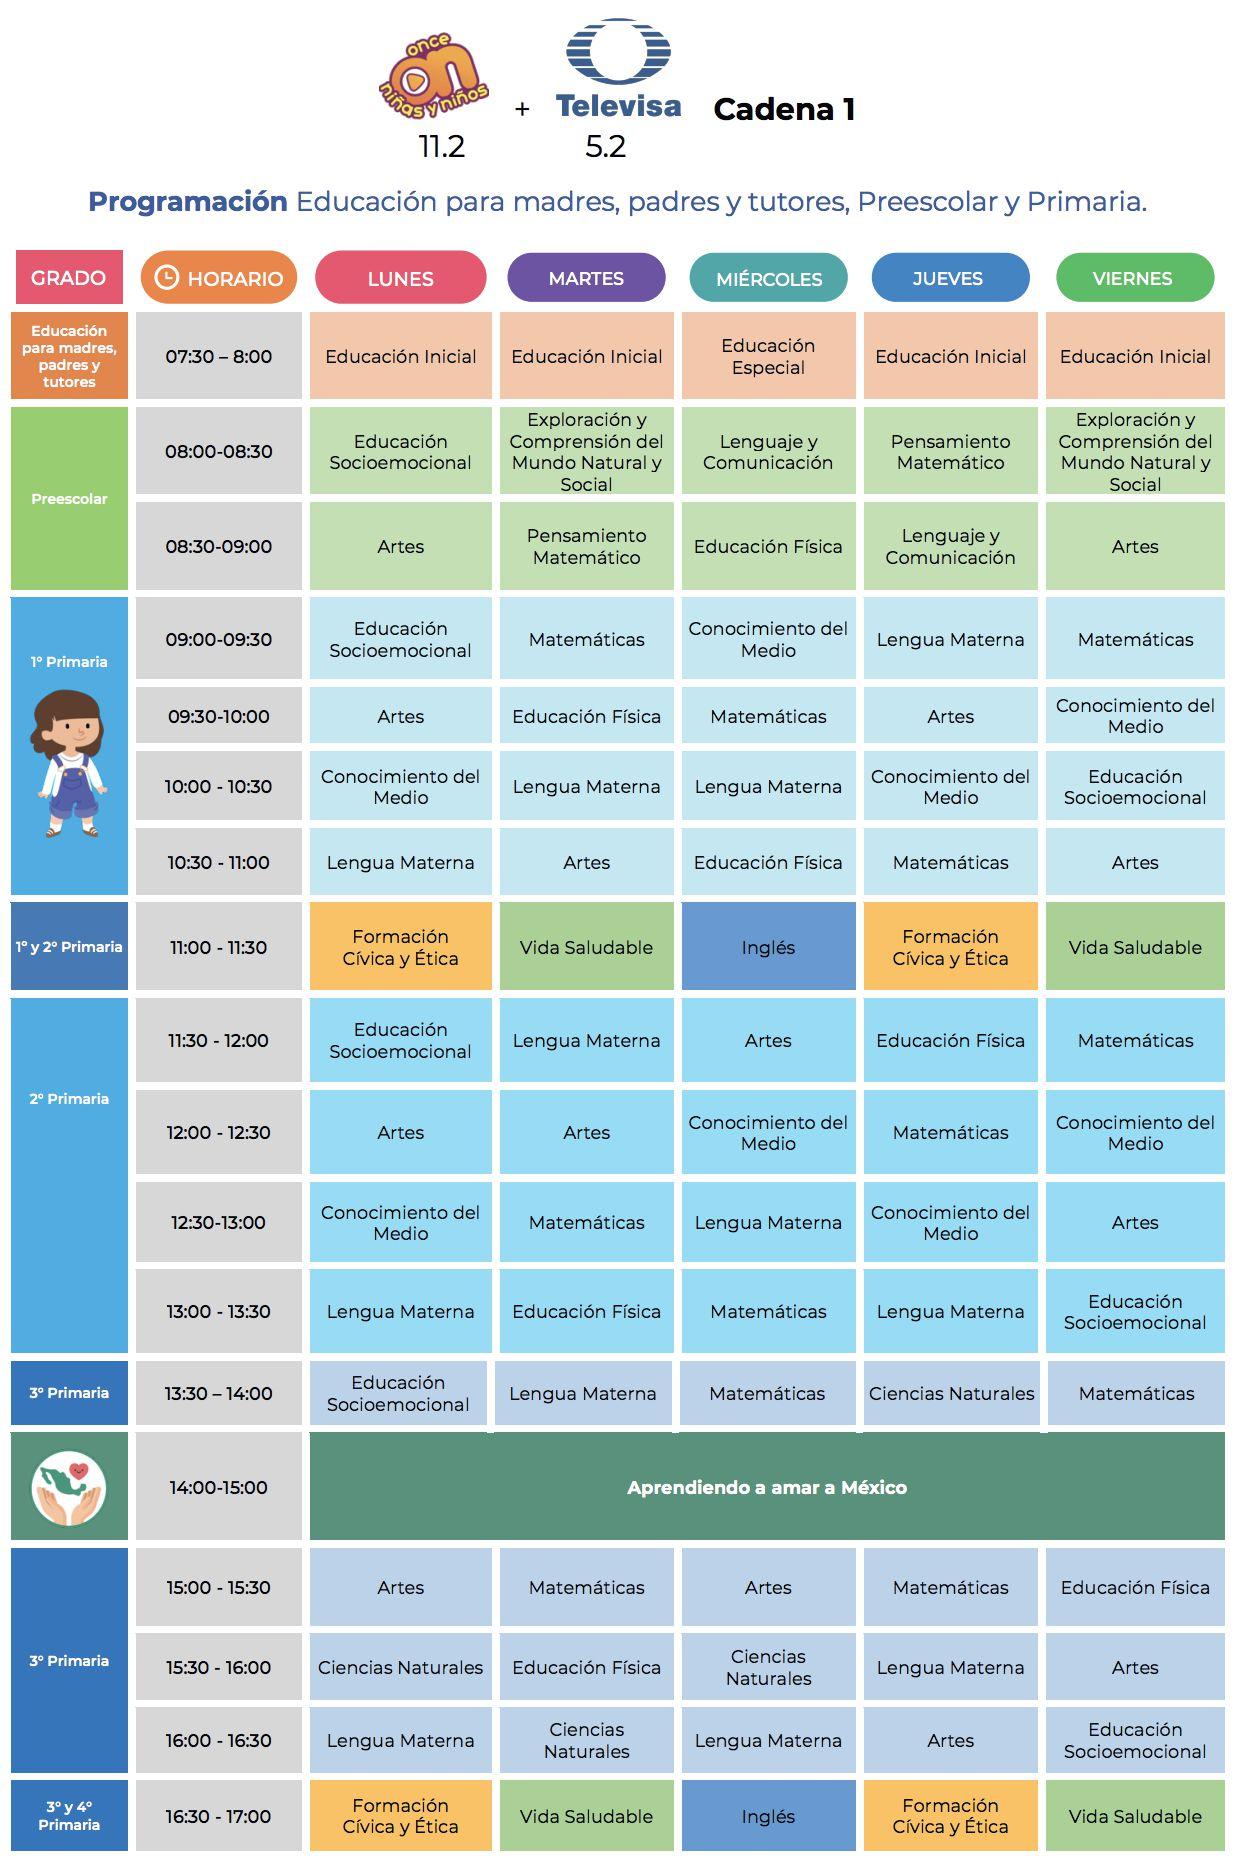 Esta semana se llevarán al cabo las reuniones del Consejo Técnico Escolar, previo al inicio de cursos